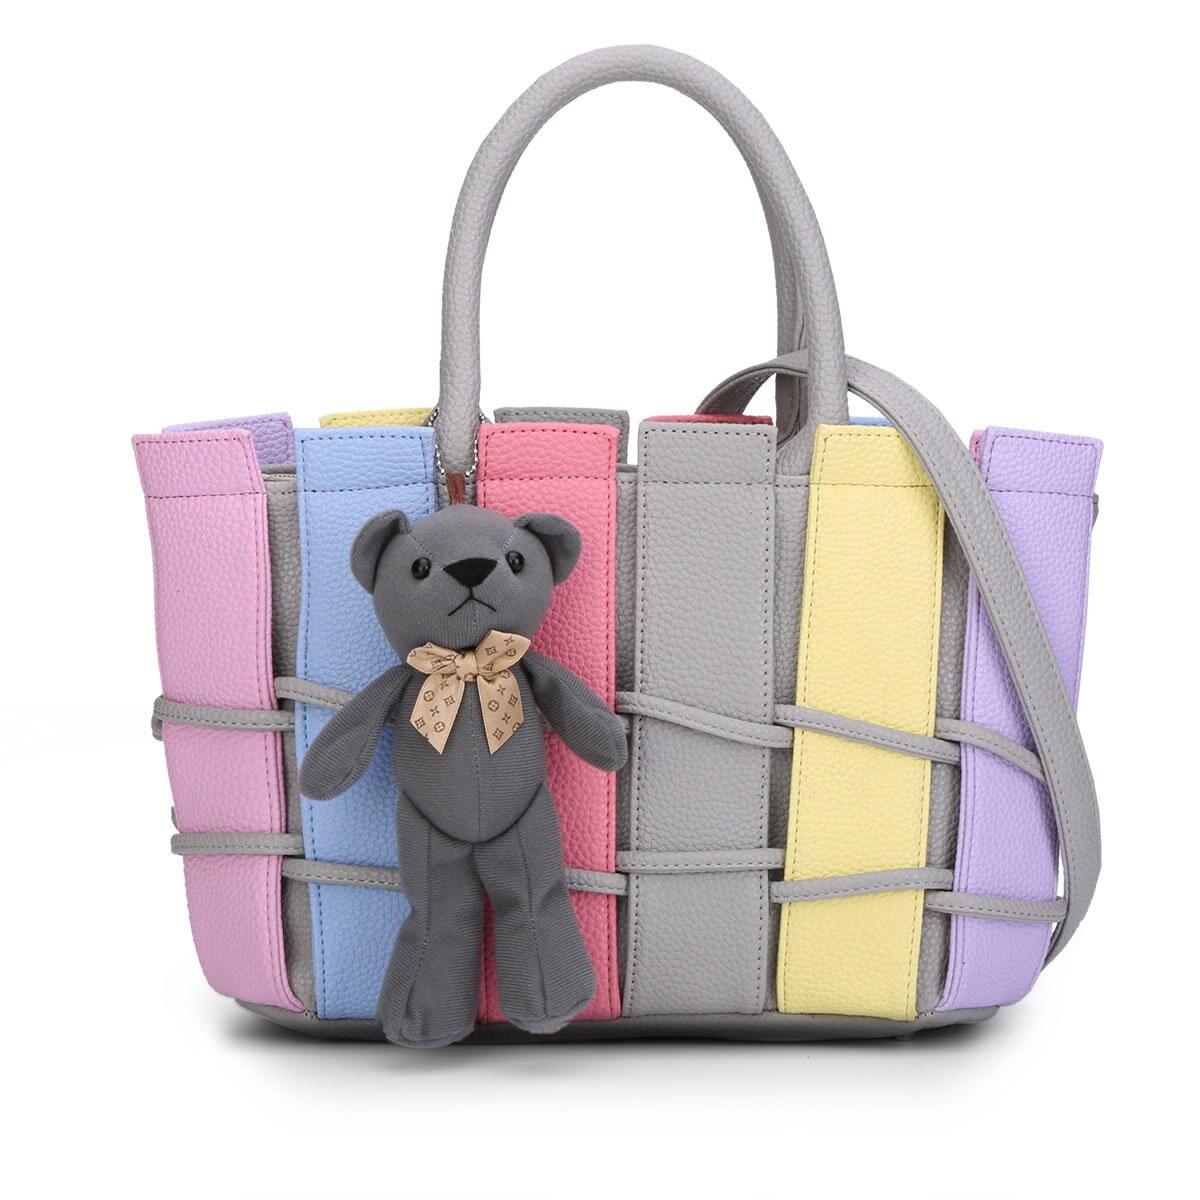 Femmes PU cuir sacs à main mignon ours sac en peluche balle pendentif épaule bandoulière sacs dames Designer fourre-tout sacs à main